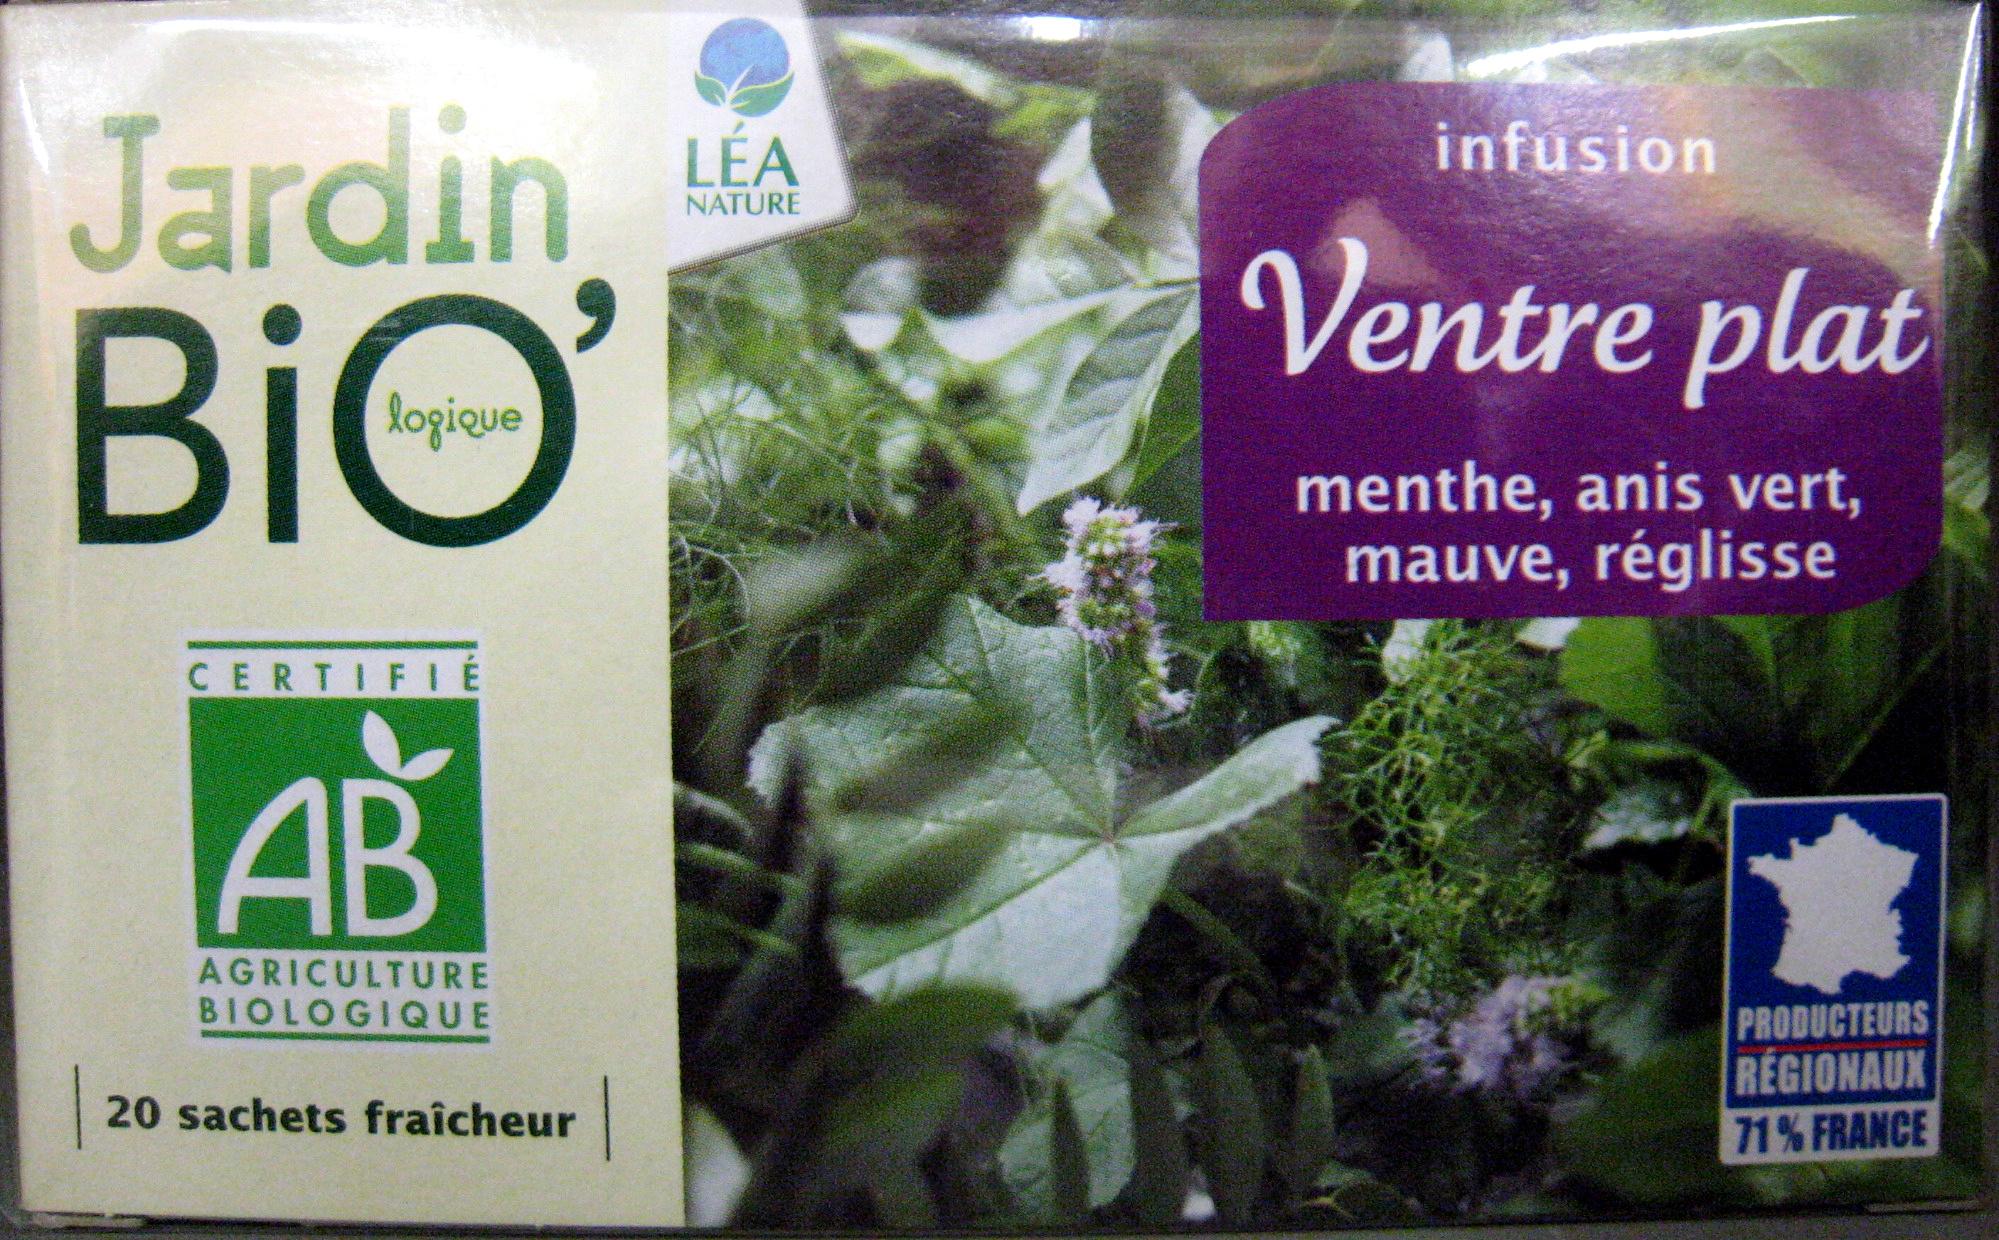 Infusion Ventre Plat Jardin Bio - 30 G (20 Sachets De 1,5 G) encequiconcerne Jardin Bio Infusion